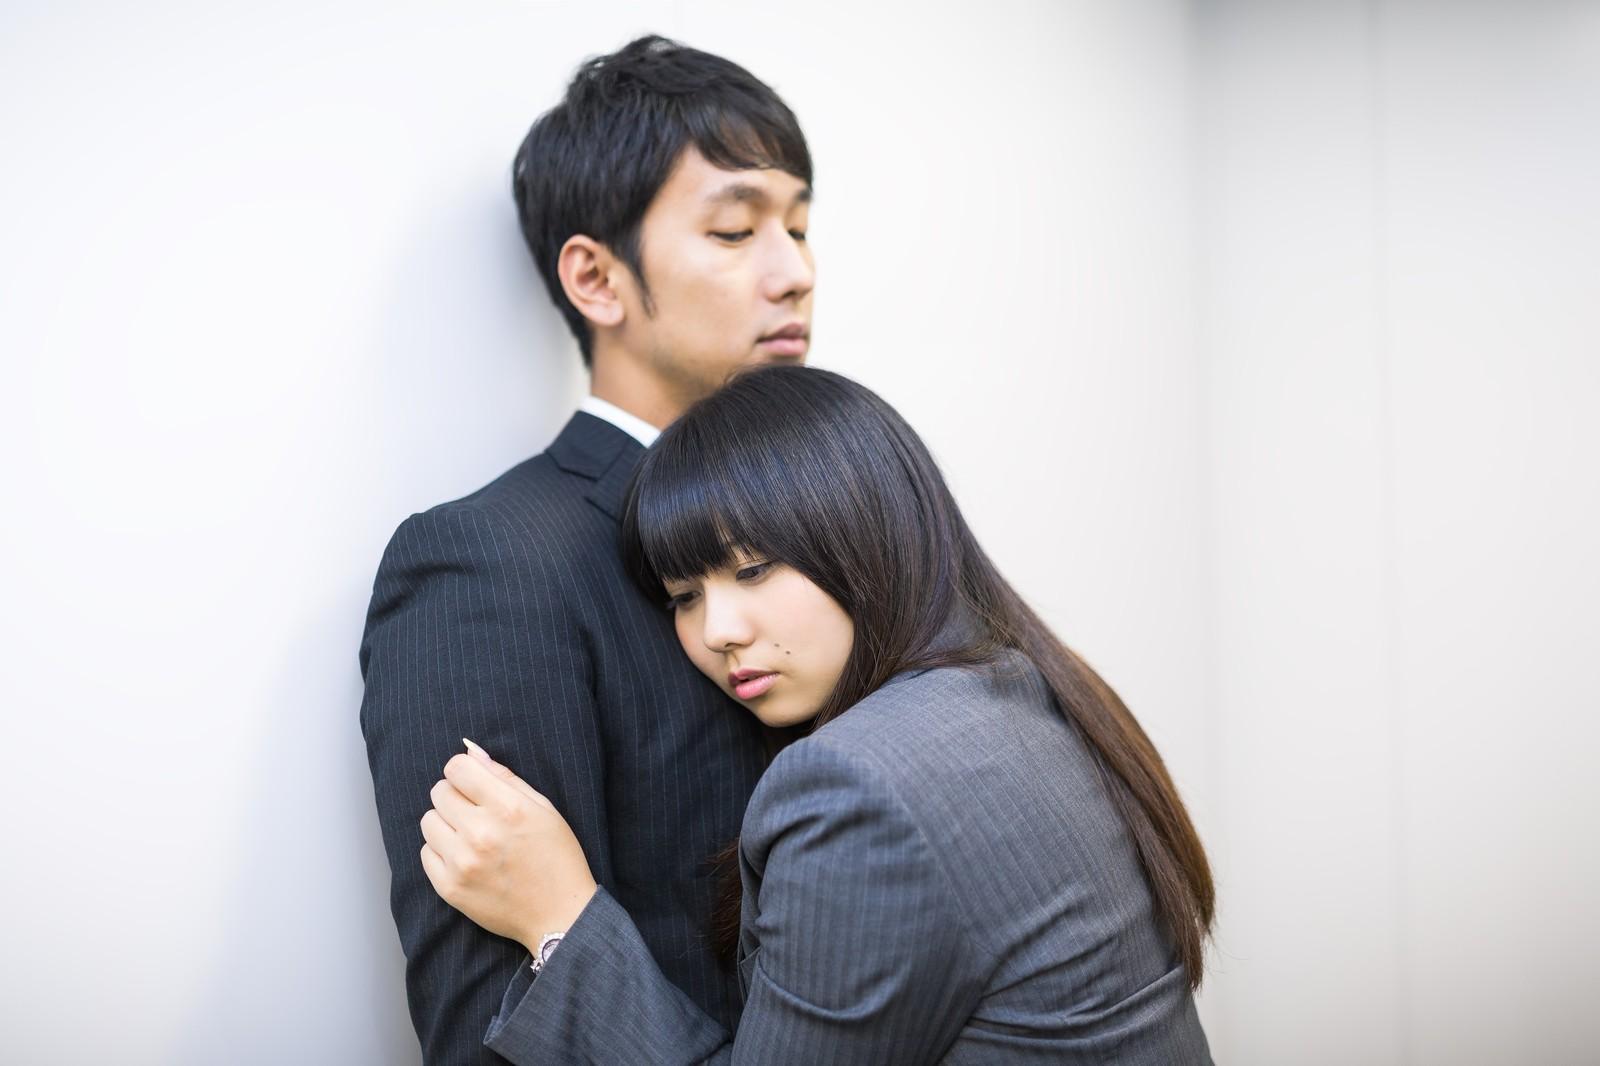 抱きつかれる男性